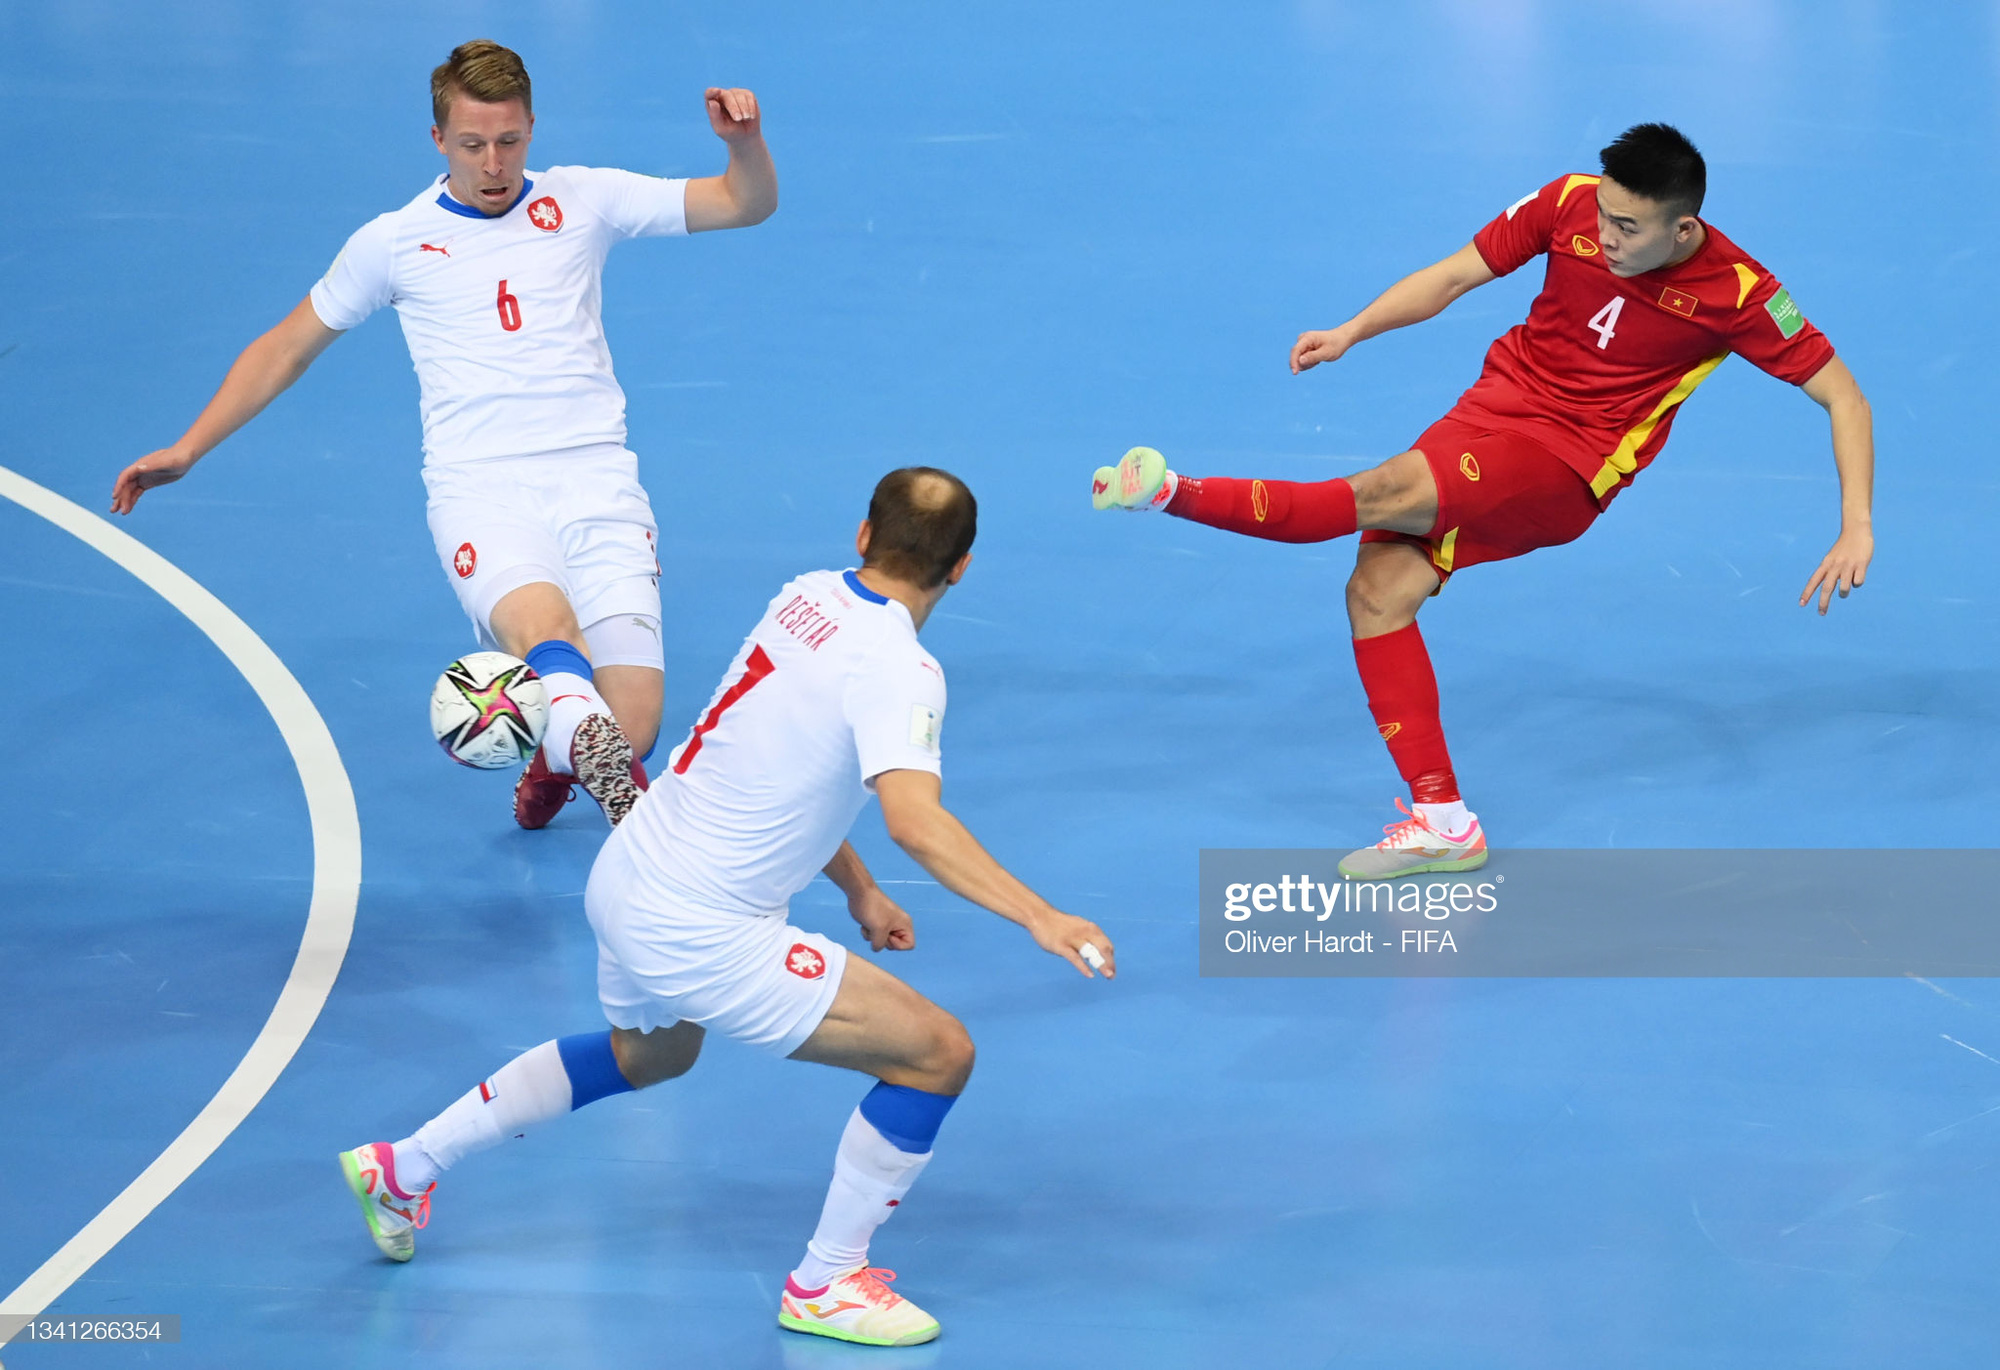 """Thầy cũ nhận định: """"Châu Đoàn Phát sẽ trở thành ngôi sao của futsal Việt Nam trong tương lai"""" - Ảnh 1."""